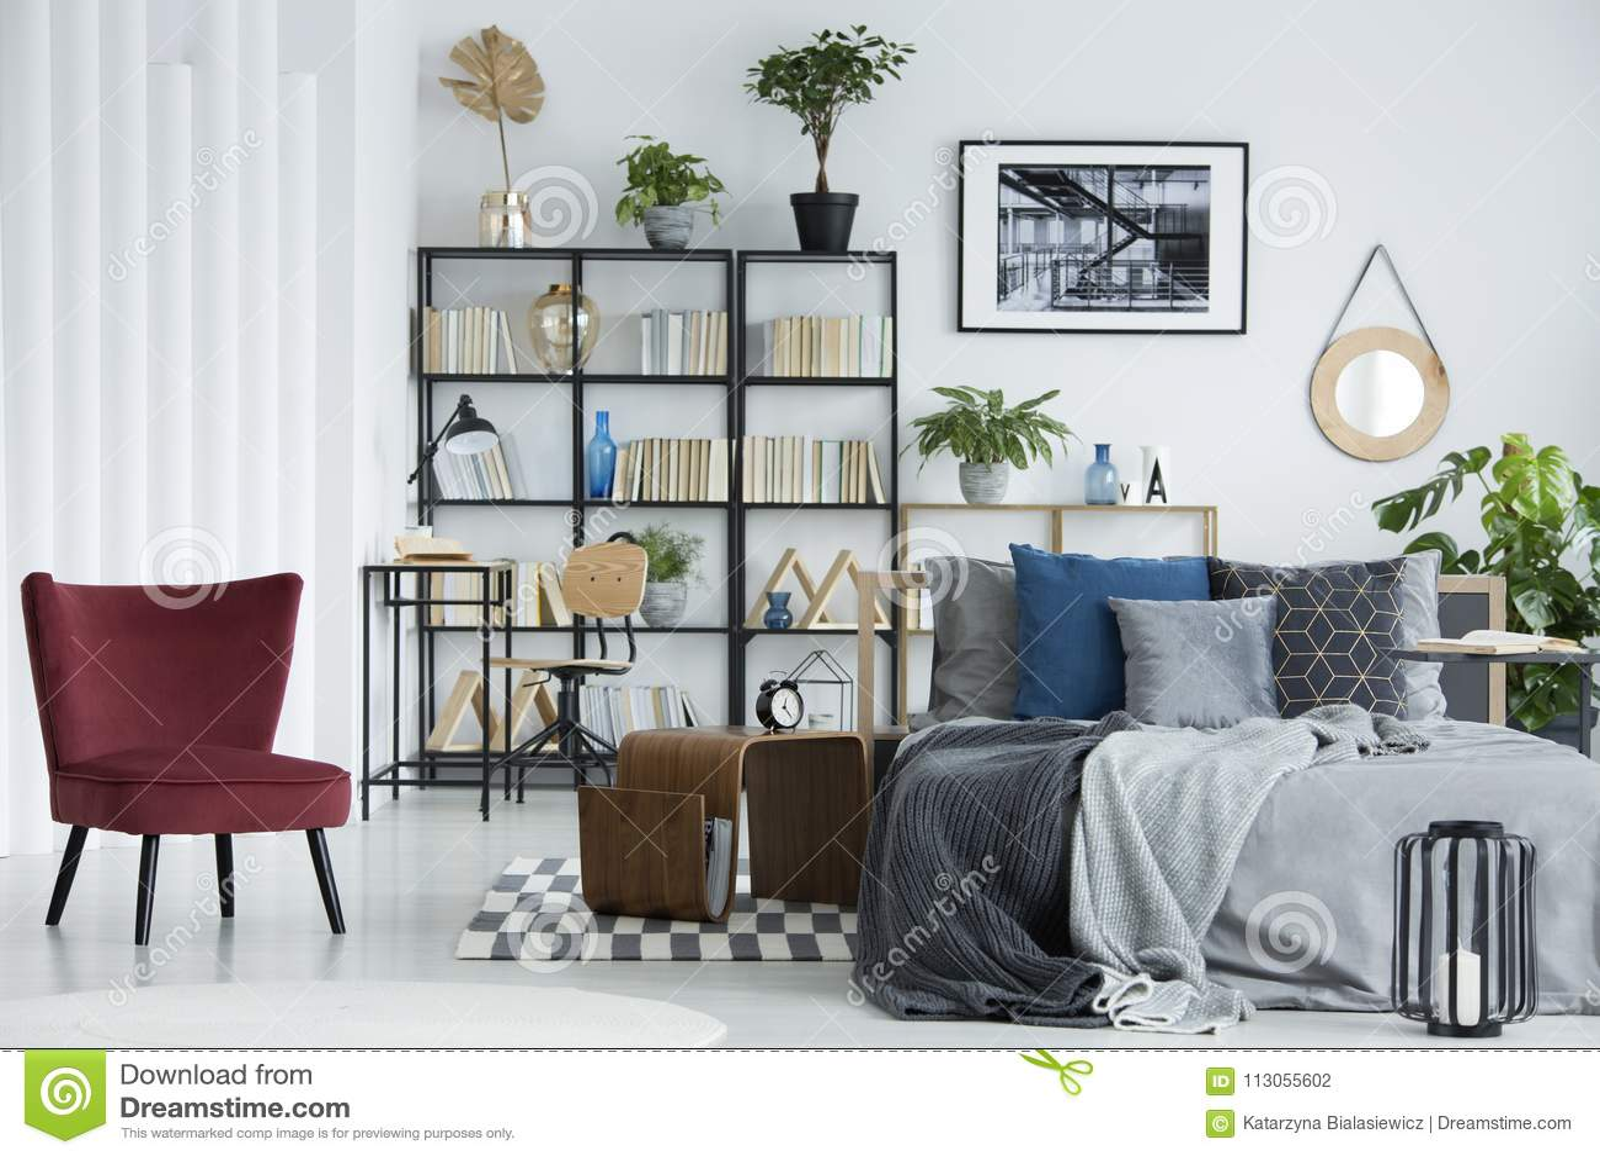 Scaffale Per Libri In Camera Da Letto Fotografia Stock Immagine Di Luminoso Disegno 113055602